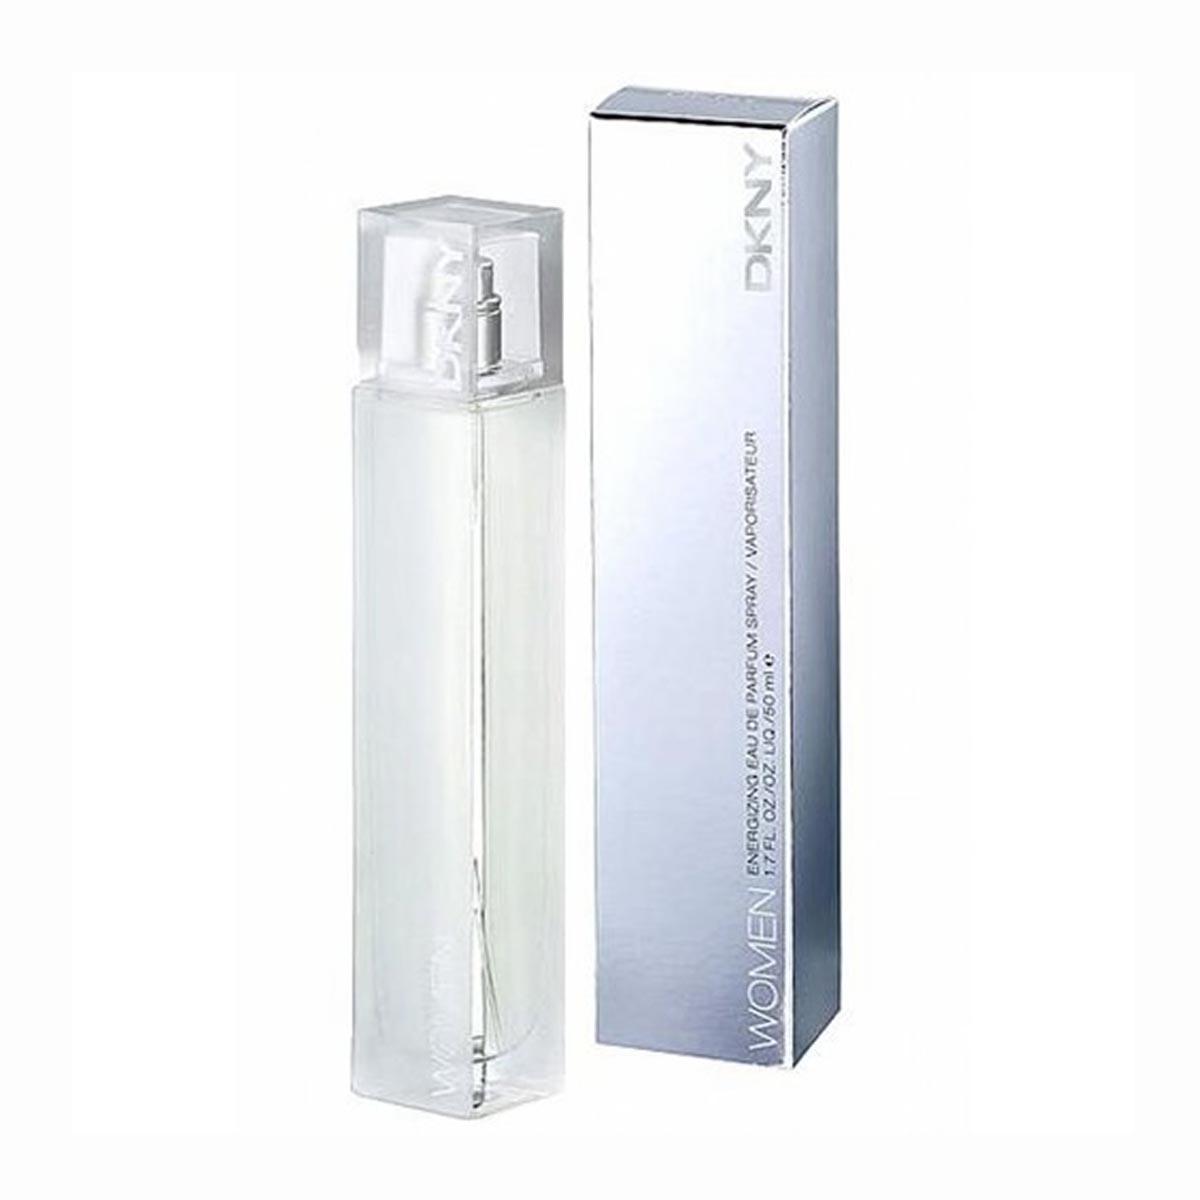 Donna karan dkny eau de parfum 50ml vaporizador